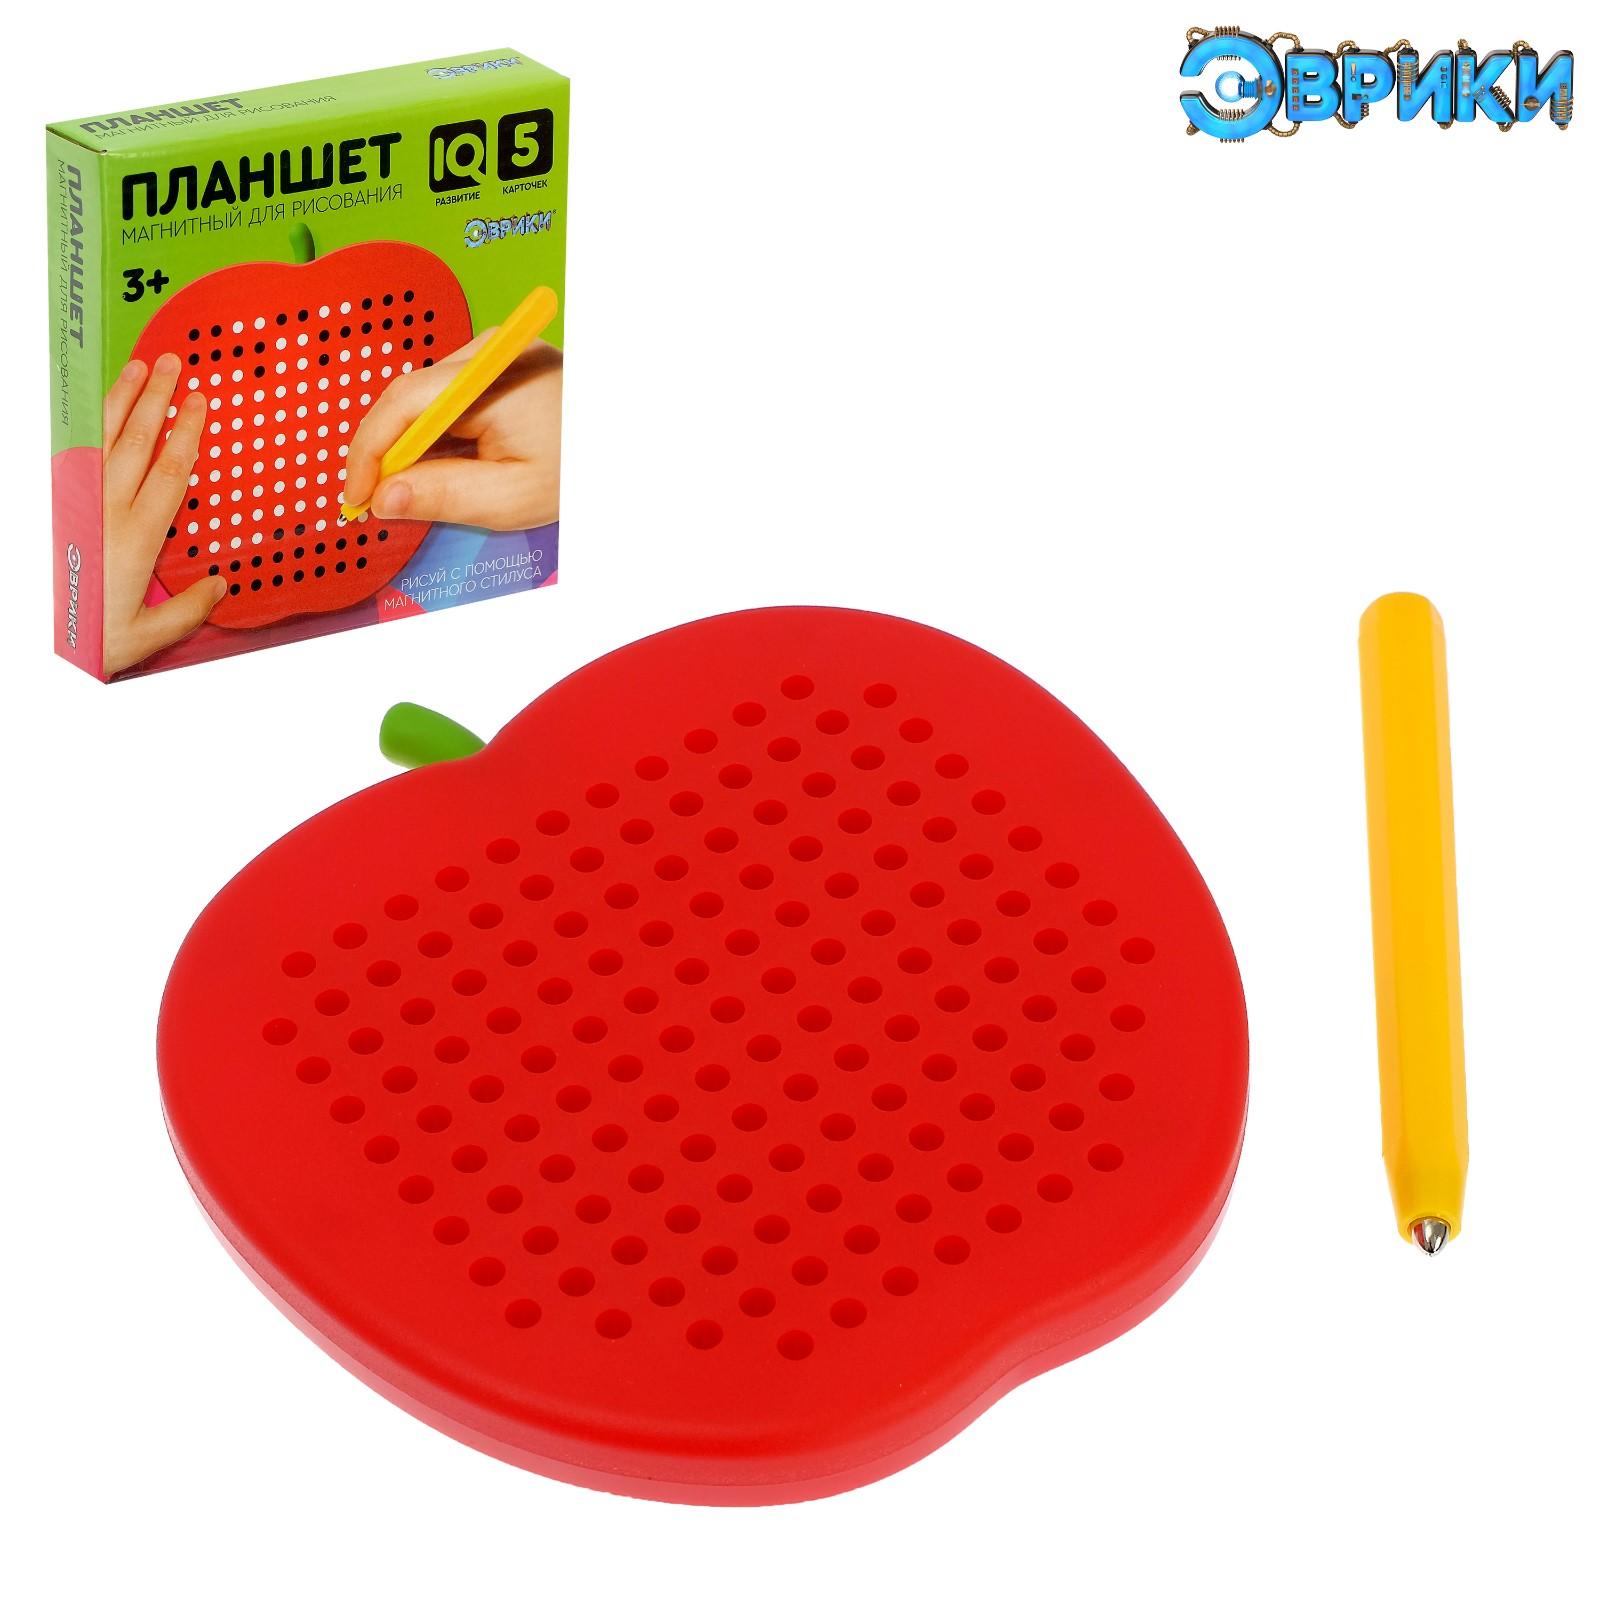 Магнитный планшет яблоко маленькое, 142 отверстия